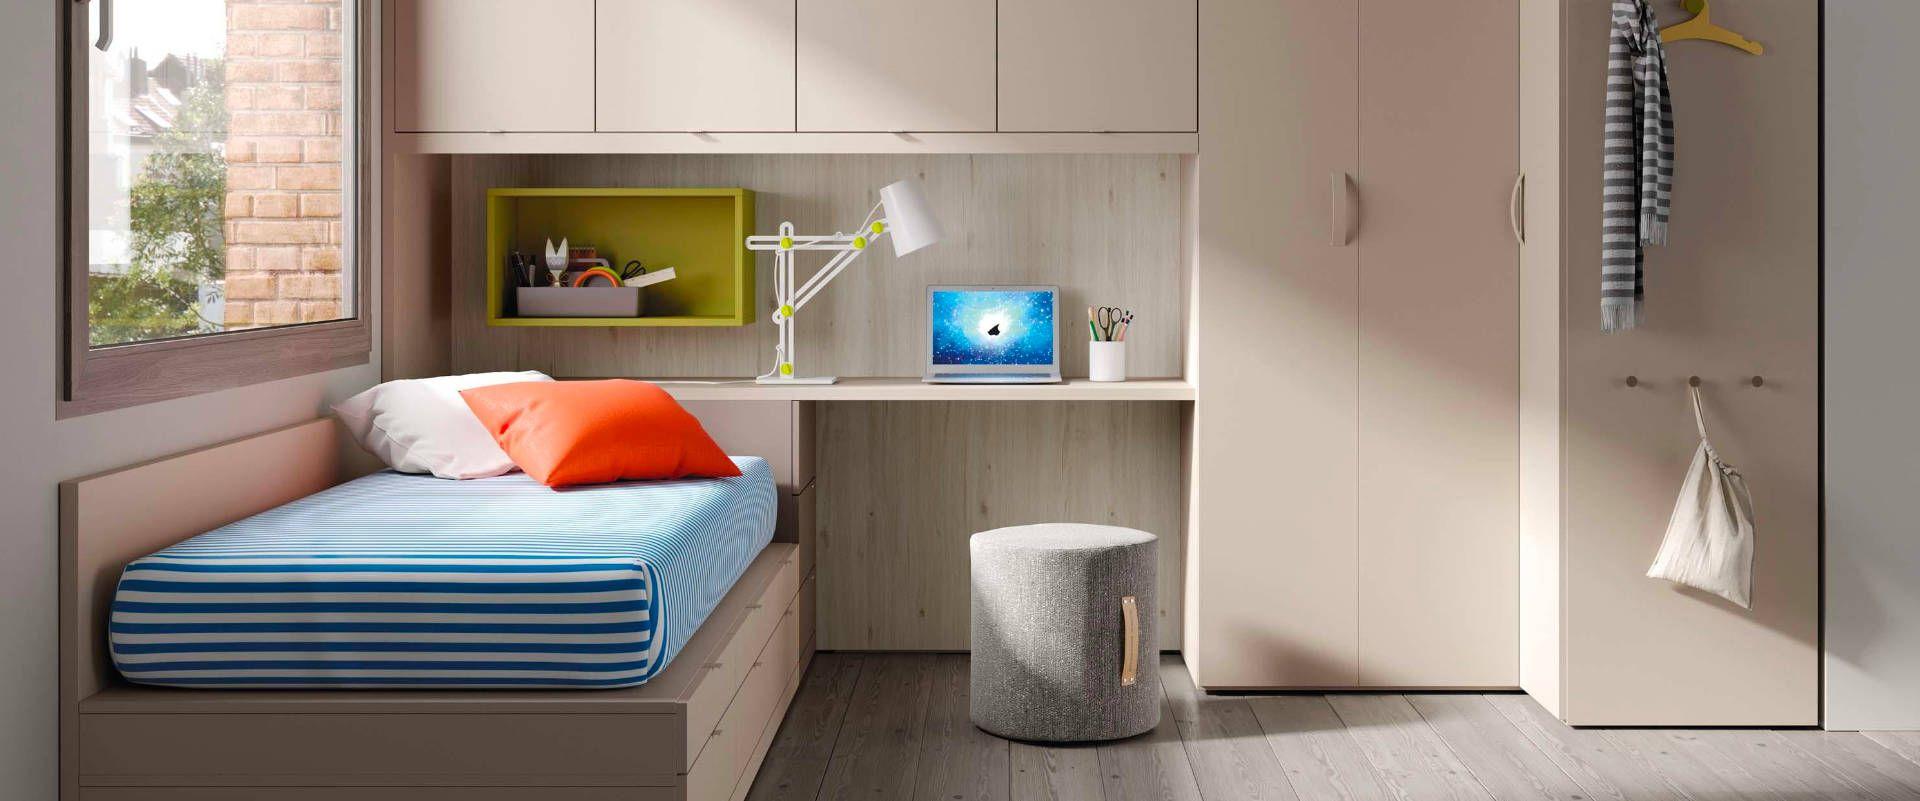 youth bedrooms von JJP Muebles, Exklusive Kindermöbel, Einrichtungshaus FRETZ Konstanz am Bodensee